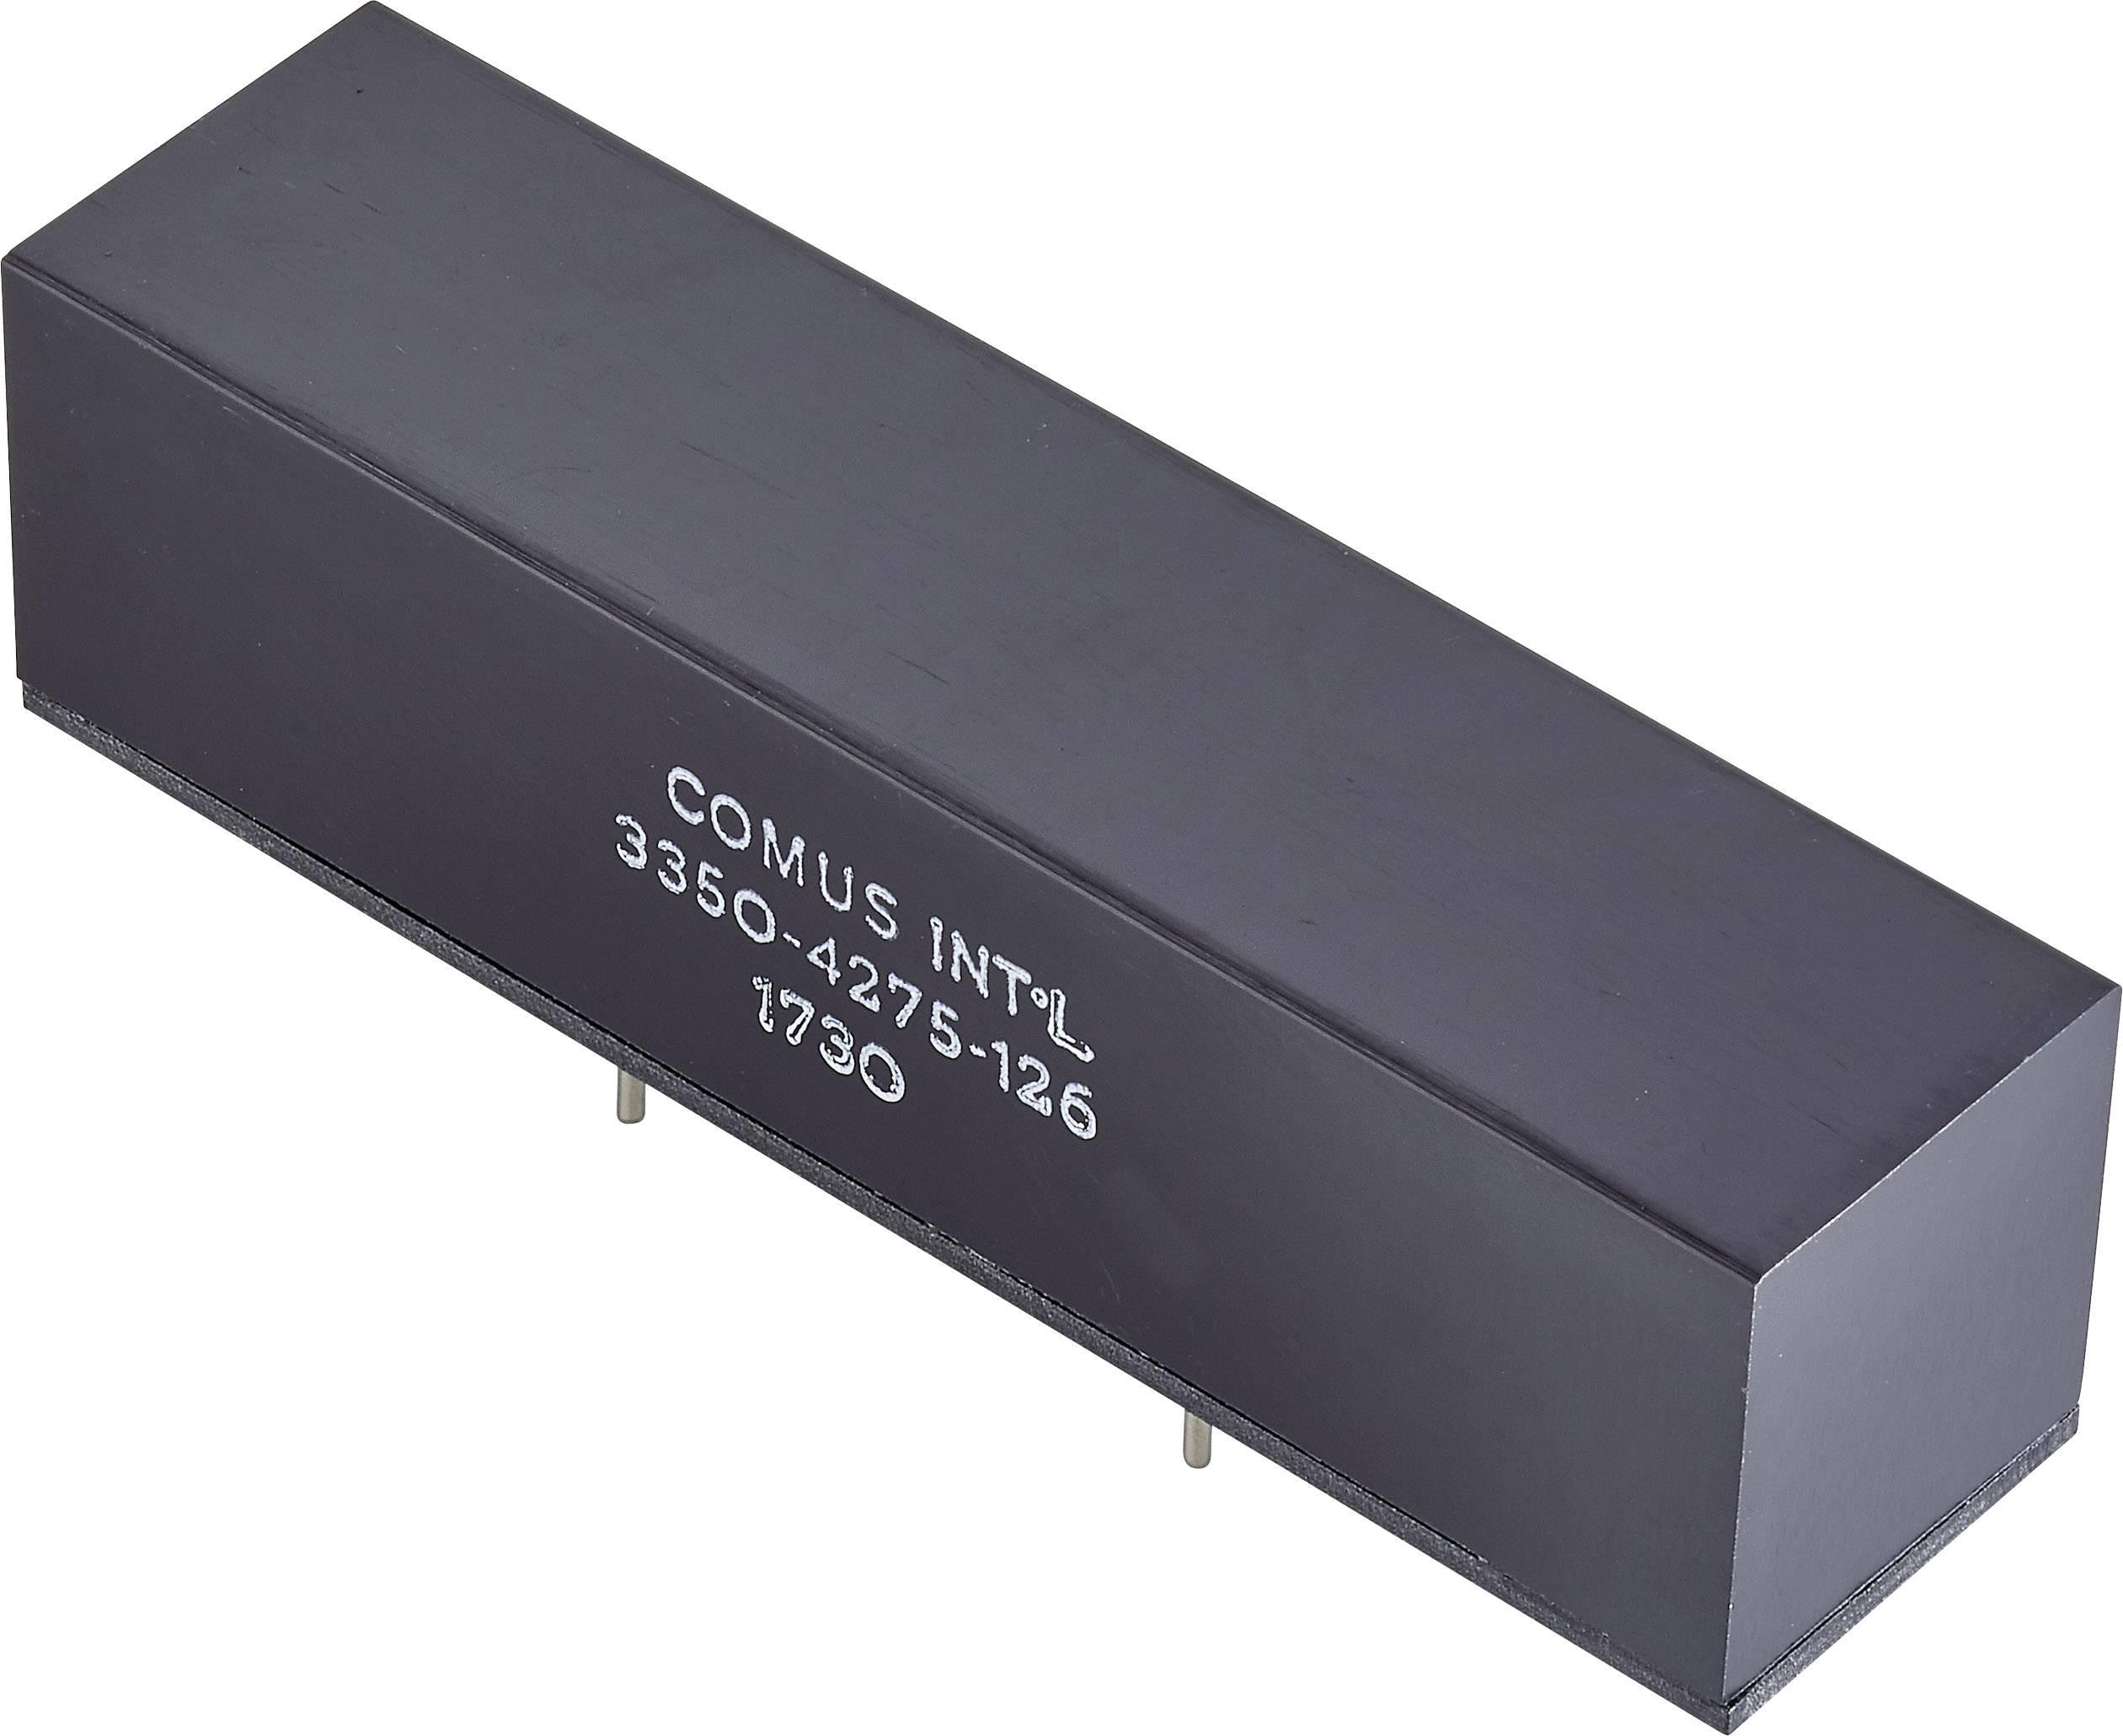 Relé s jazýčkovým kontaktem Comus 3350-4275-056, 3350-4275-056, 1 rozpínací kontakt, 5 V/DC, 3 A, 200 W